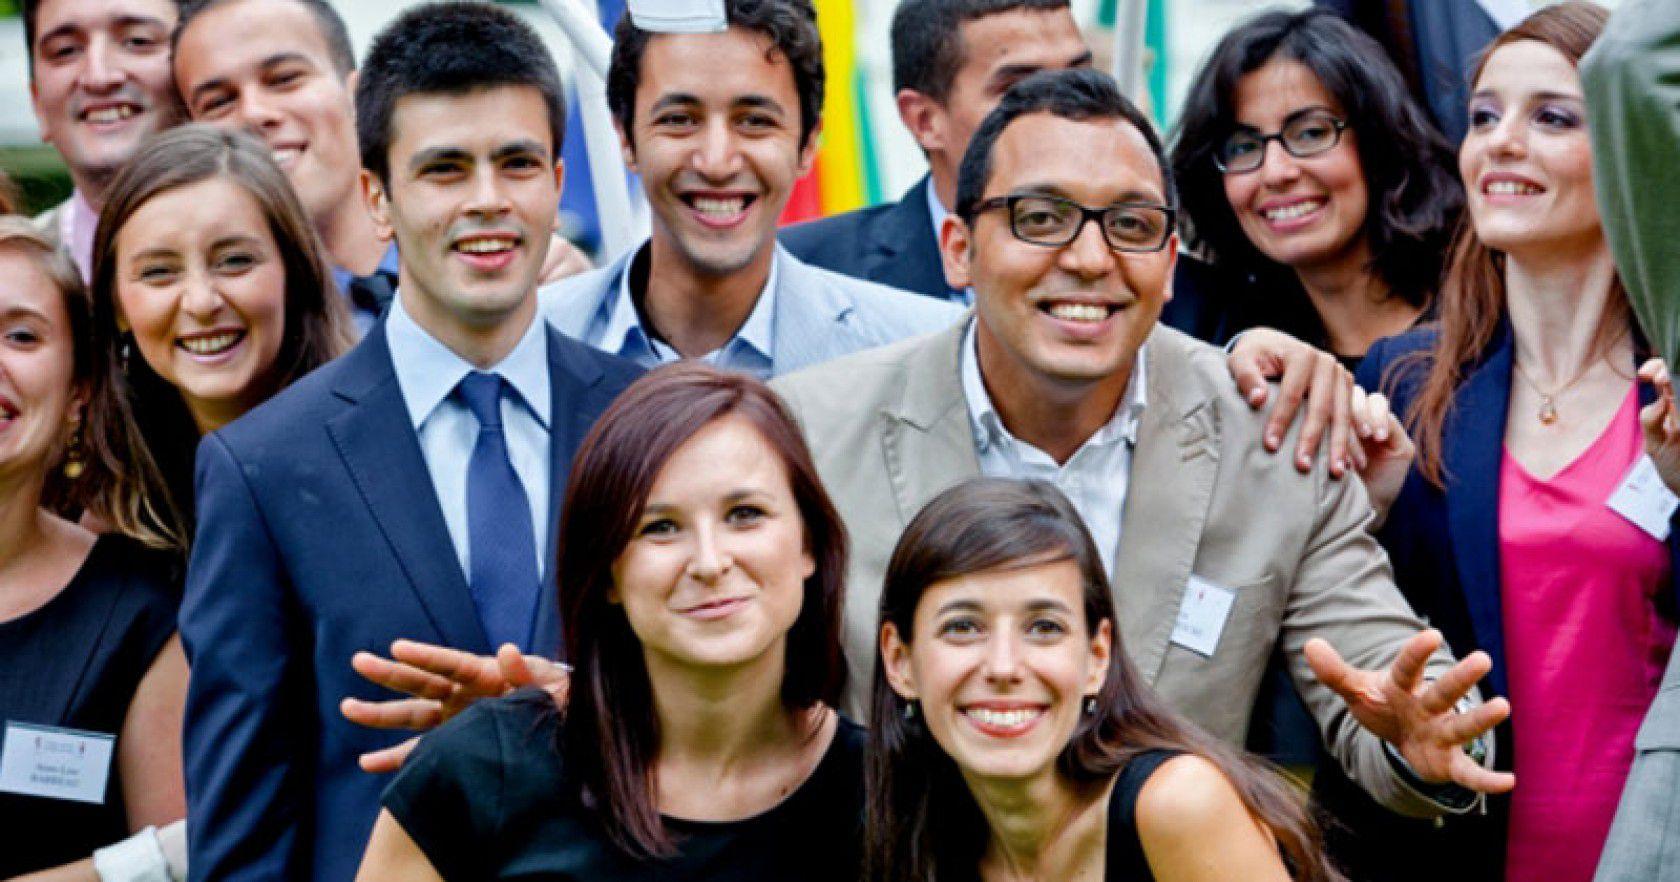 Avrupa'da Lise Okuyan Ünlüler Kimlerdir?